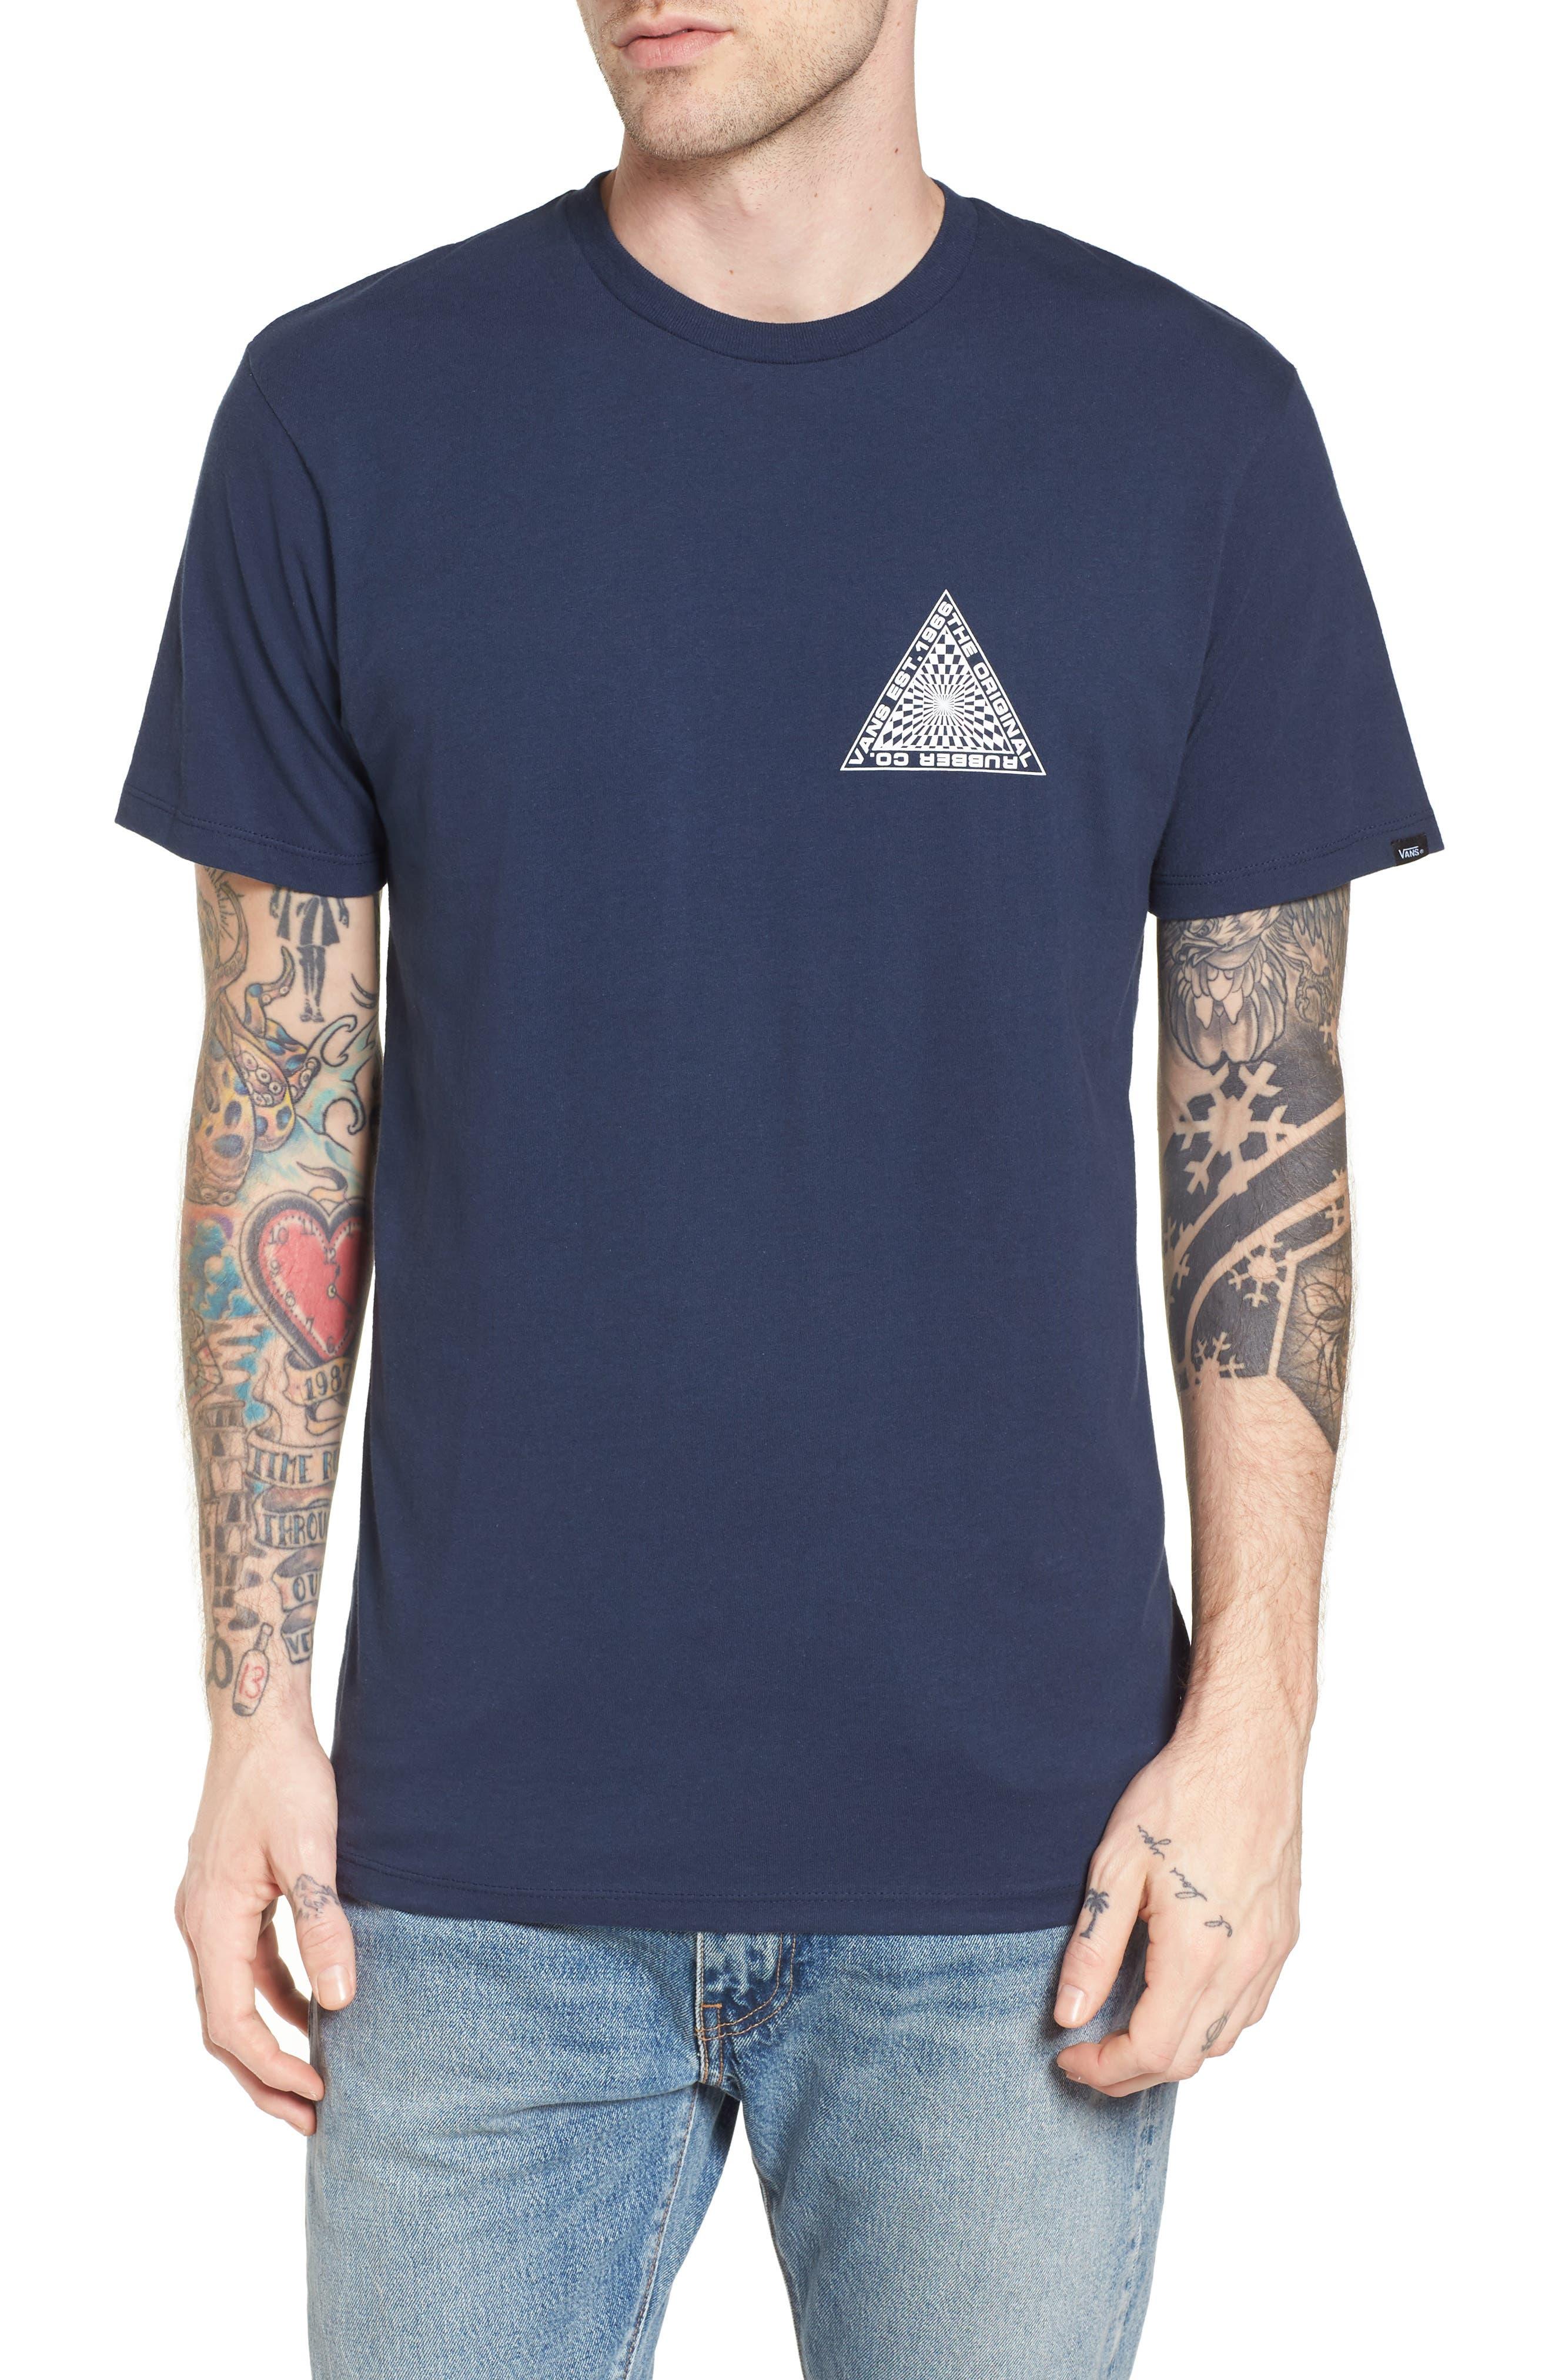 Hypnotics T-Shirt,                         Main,                         color, Dress Blues